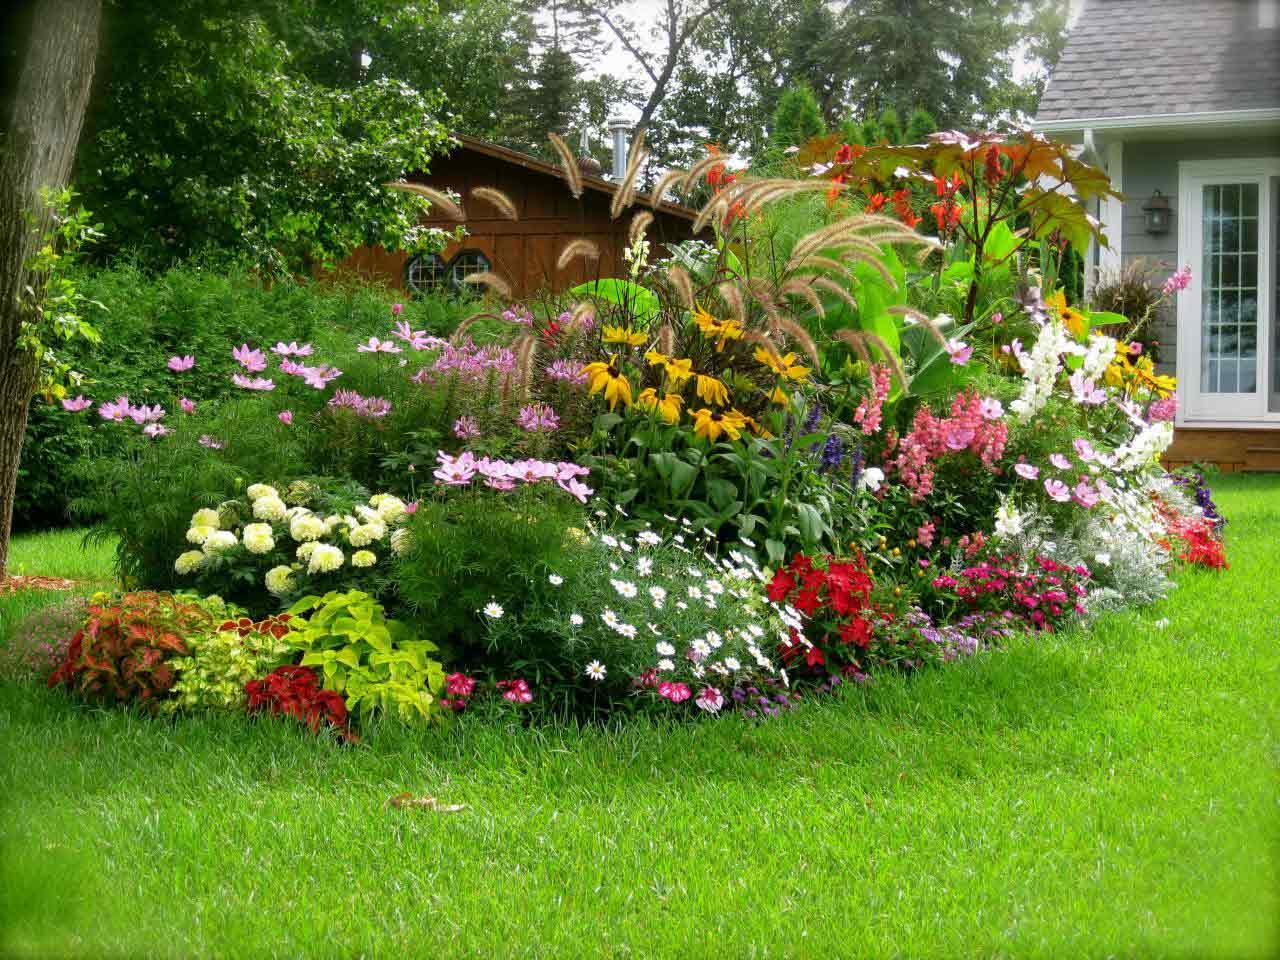 Hình ảnh cây cảnh trong vườn đẹp